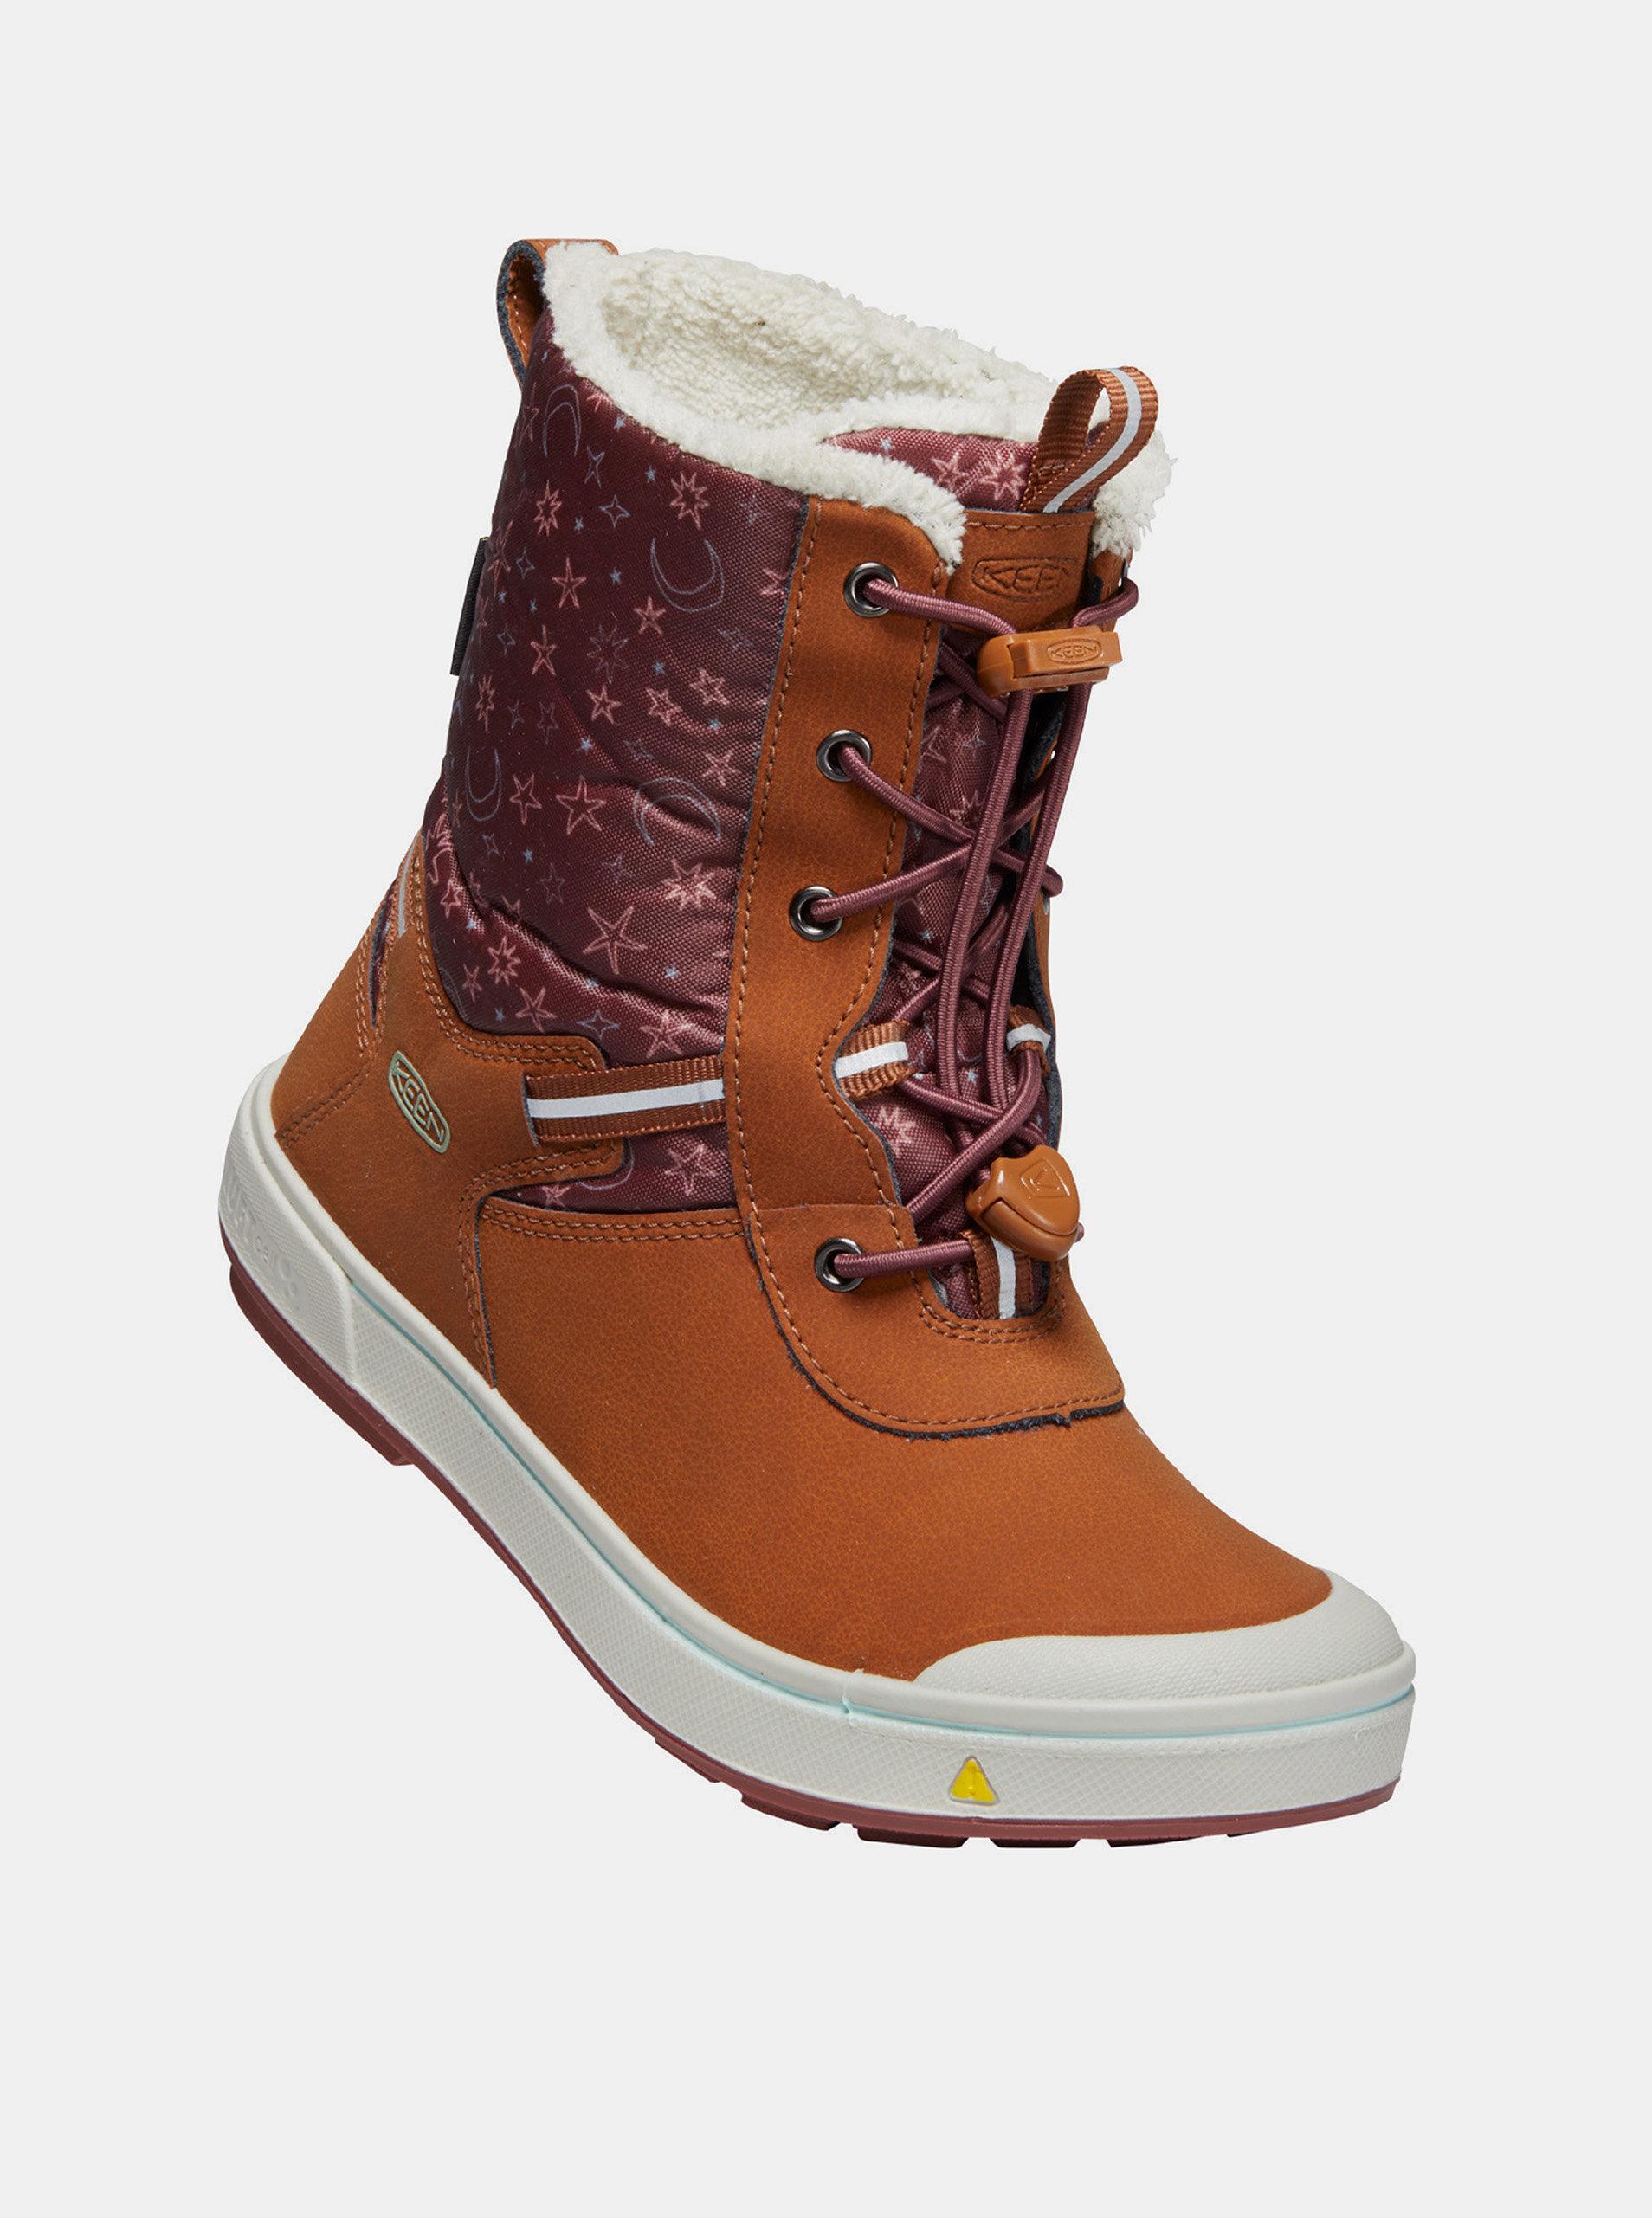 Hnědé holčičí kožené zimní boty s umělým kožíškem Keen